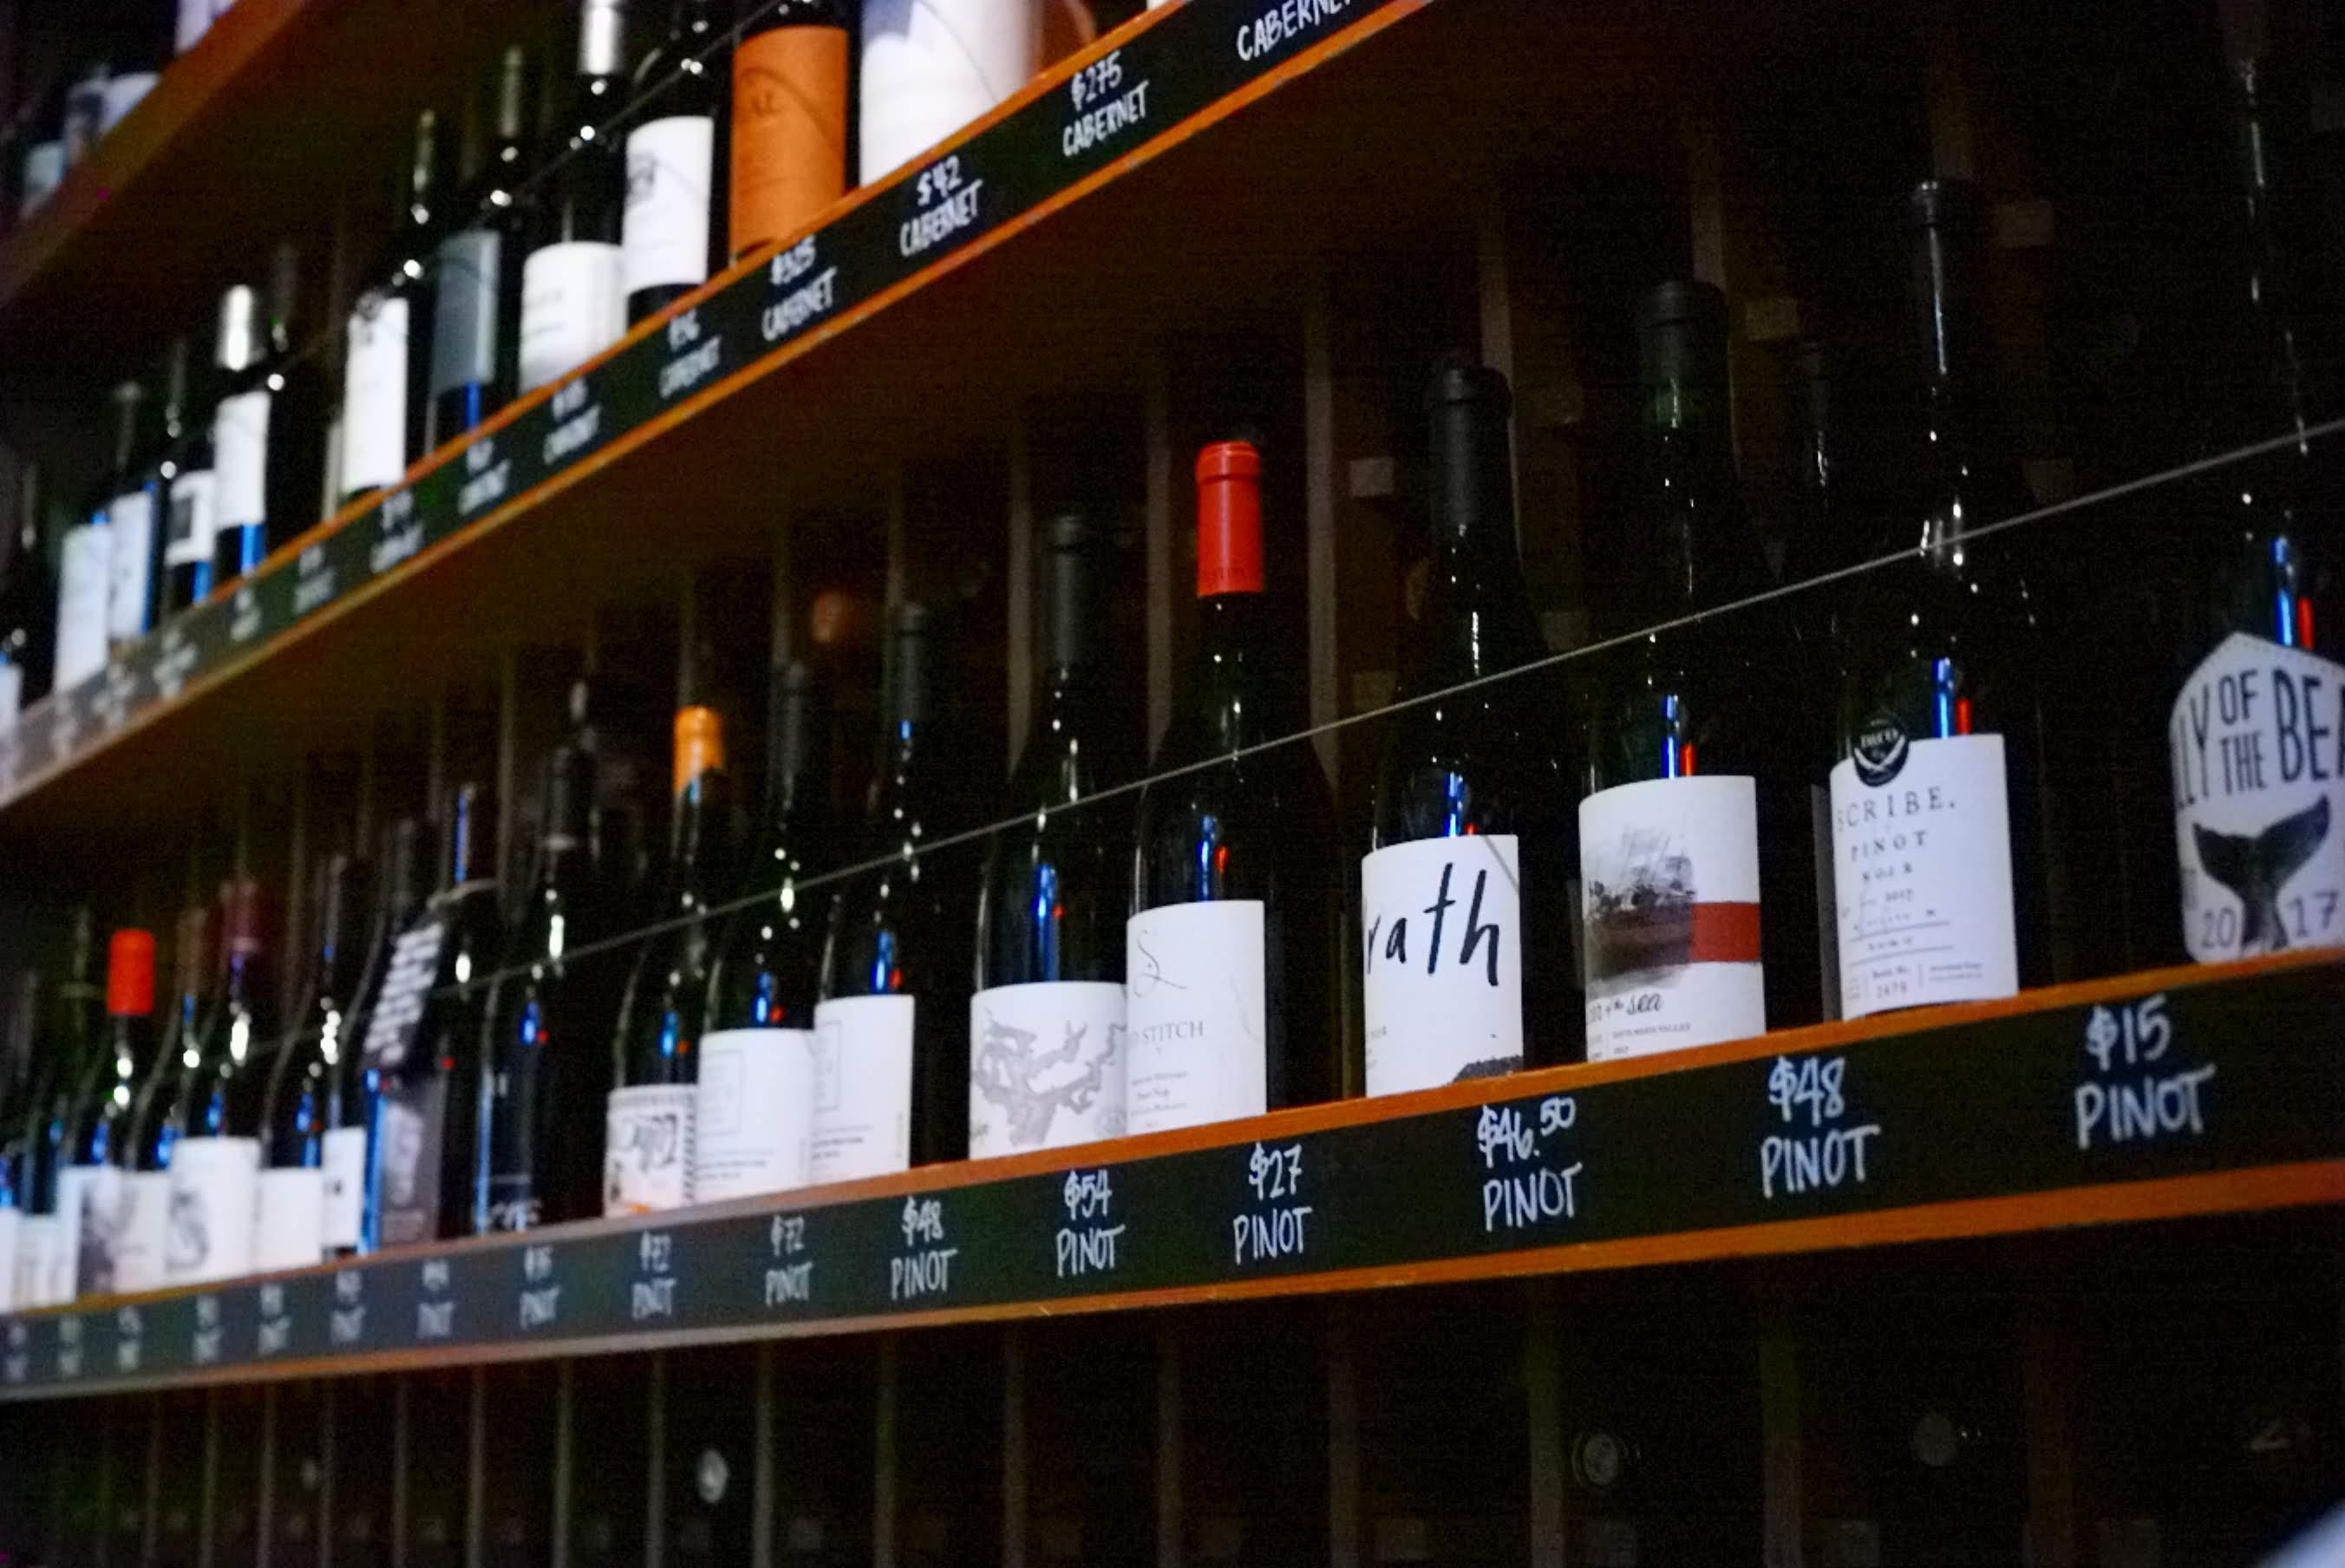 ピノ・ノワールのワインボトル